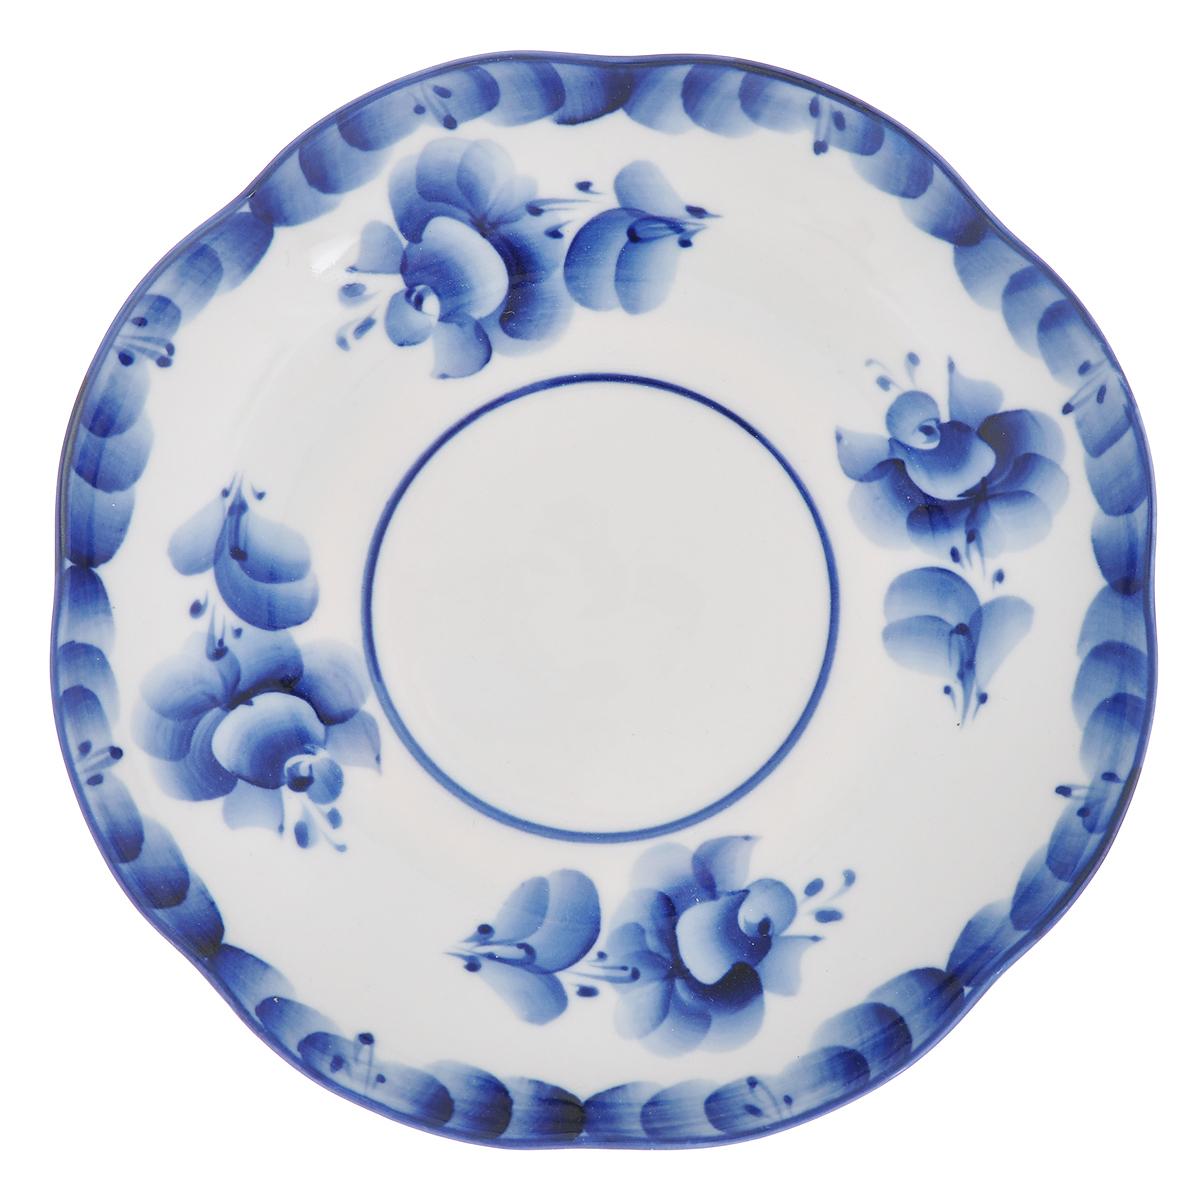 Блюдце Улыбка, диаметр 17,5 см115510Блюдце Улыбка, изготовленное из высококачественной керамики, предназначено для красивой сервировки стола. Блюдце оформлено оригинальной гжельской росписью. Прекрасный дизайн изделия идеально подойдет для сервировки стола.Обращаем ваше внимание, что роспись на изделиях выполнена вручную. Рисунок может немного отличаться от изображения на фотографии. Диаметр: 17,5 см. Высота блюдца: 2,5 см.